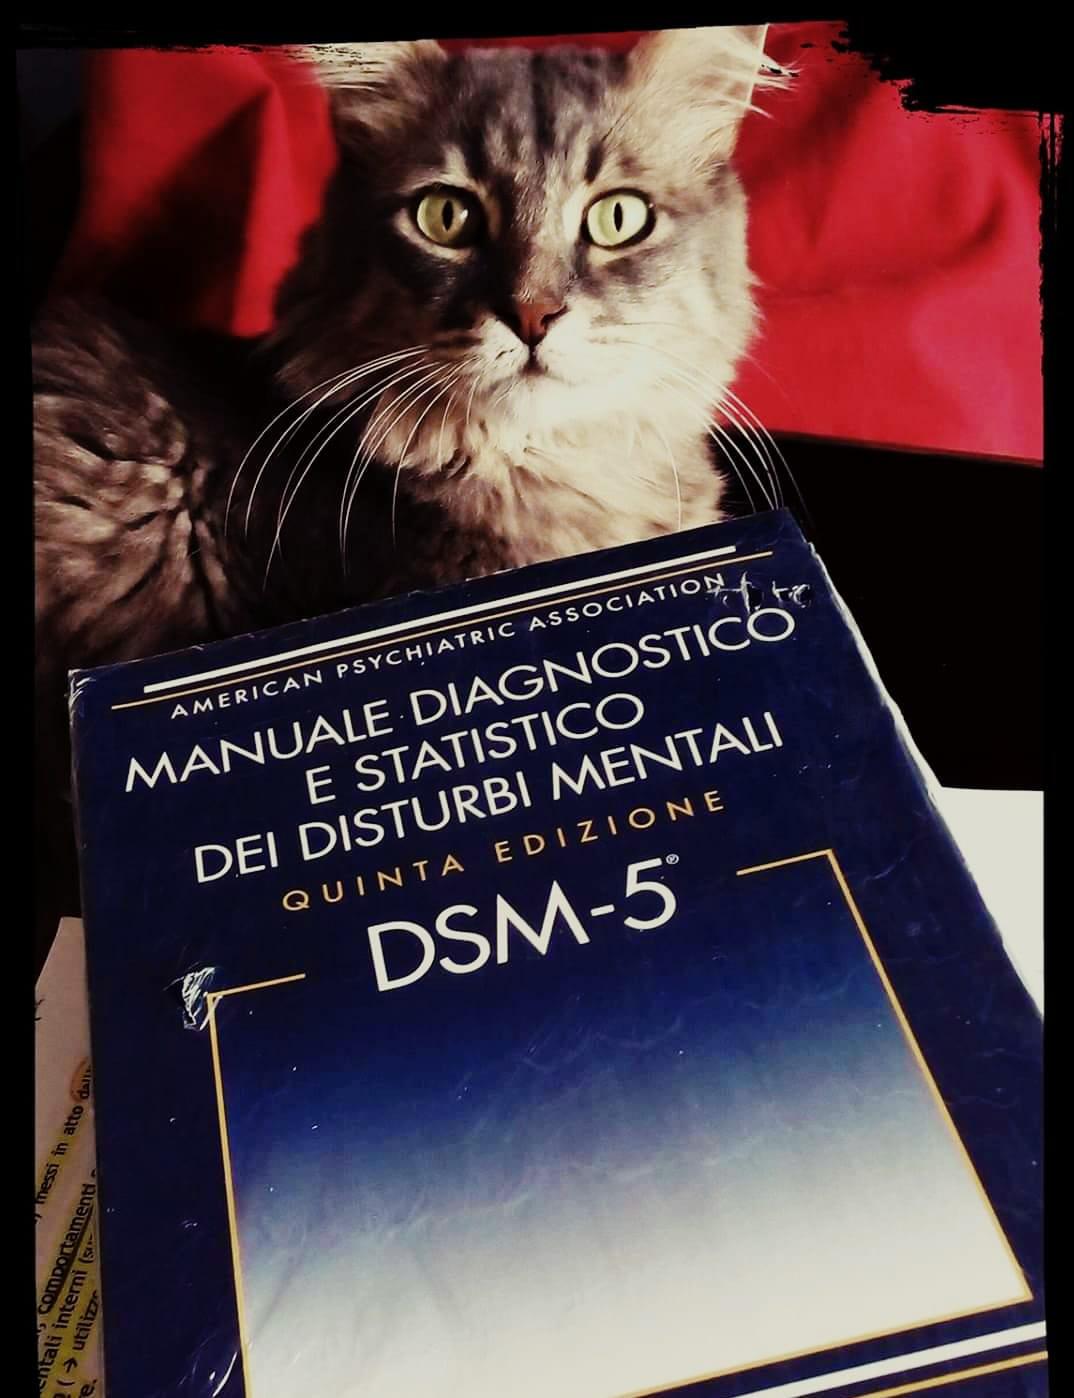 manuale diagnosi psicologica